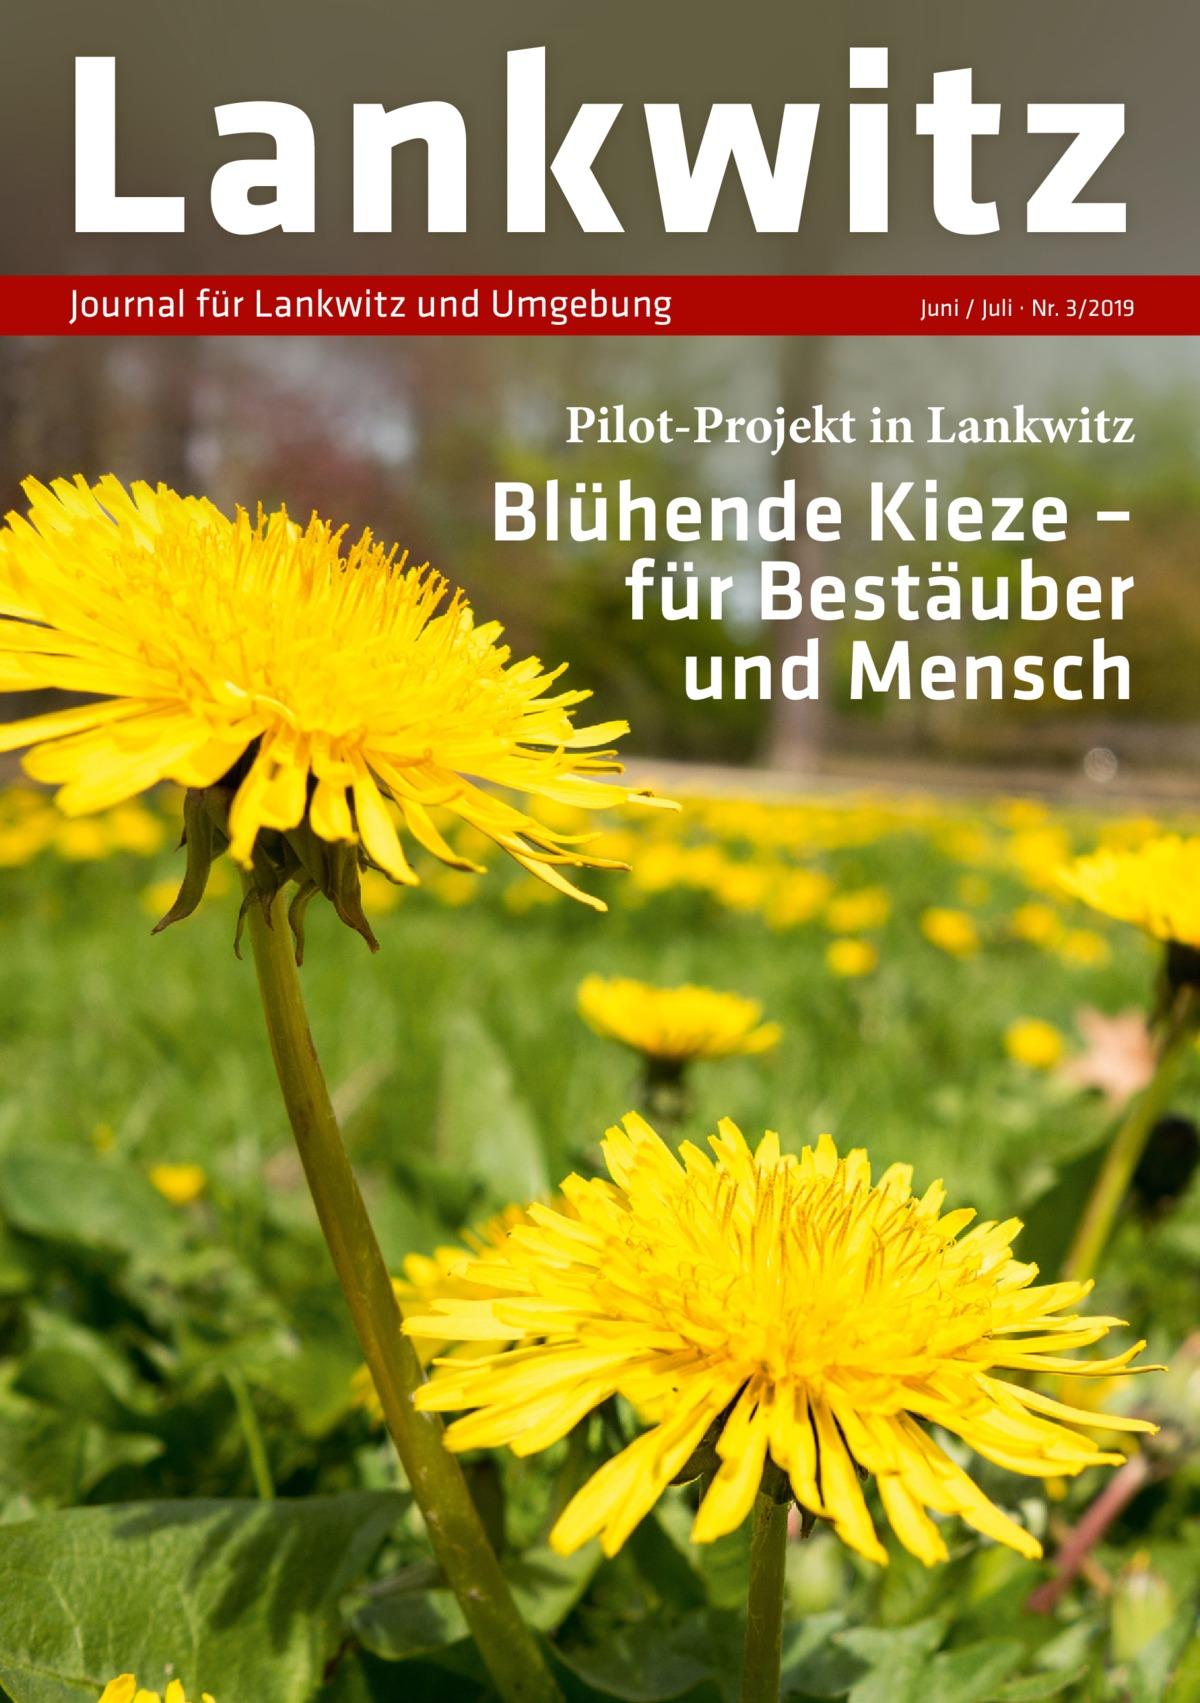 Lankwitz Journal für Lankwitz und Umgebung  Juni / Juli · Nr. 3/2019  Pilot-Projekt in Lankwitz  Blühende Kieze – für Bestäuber und Mensch